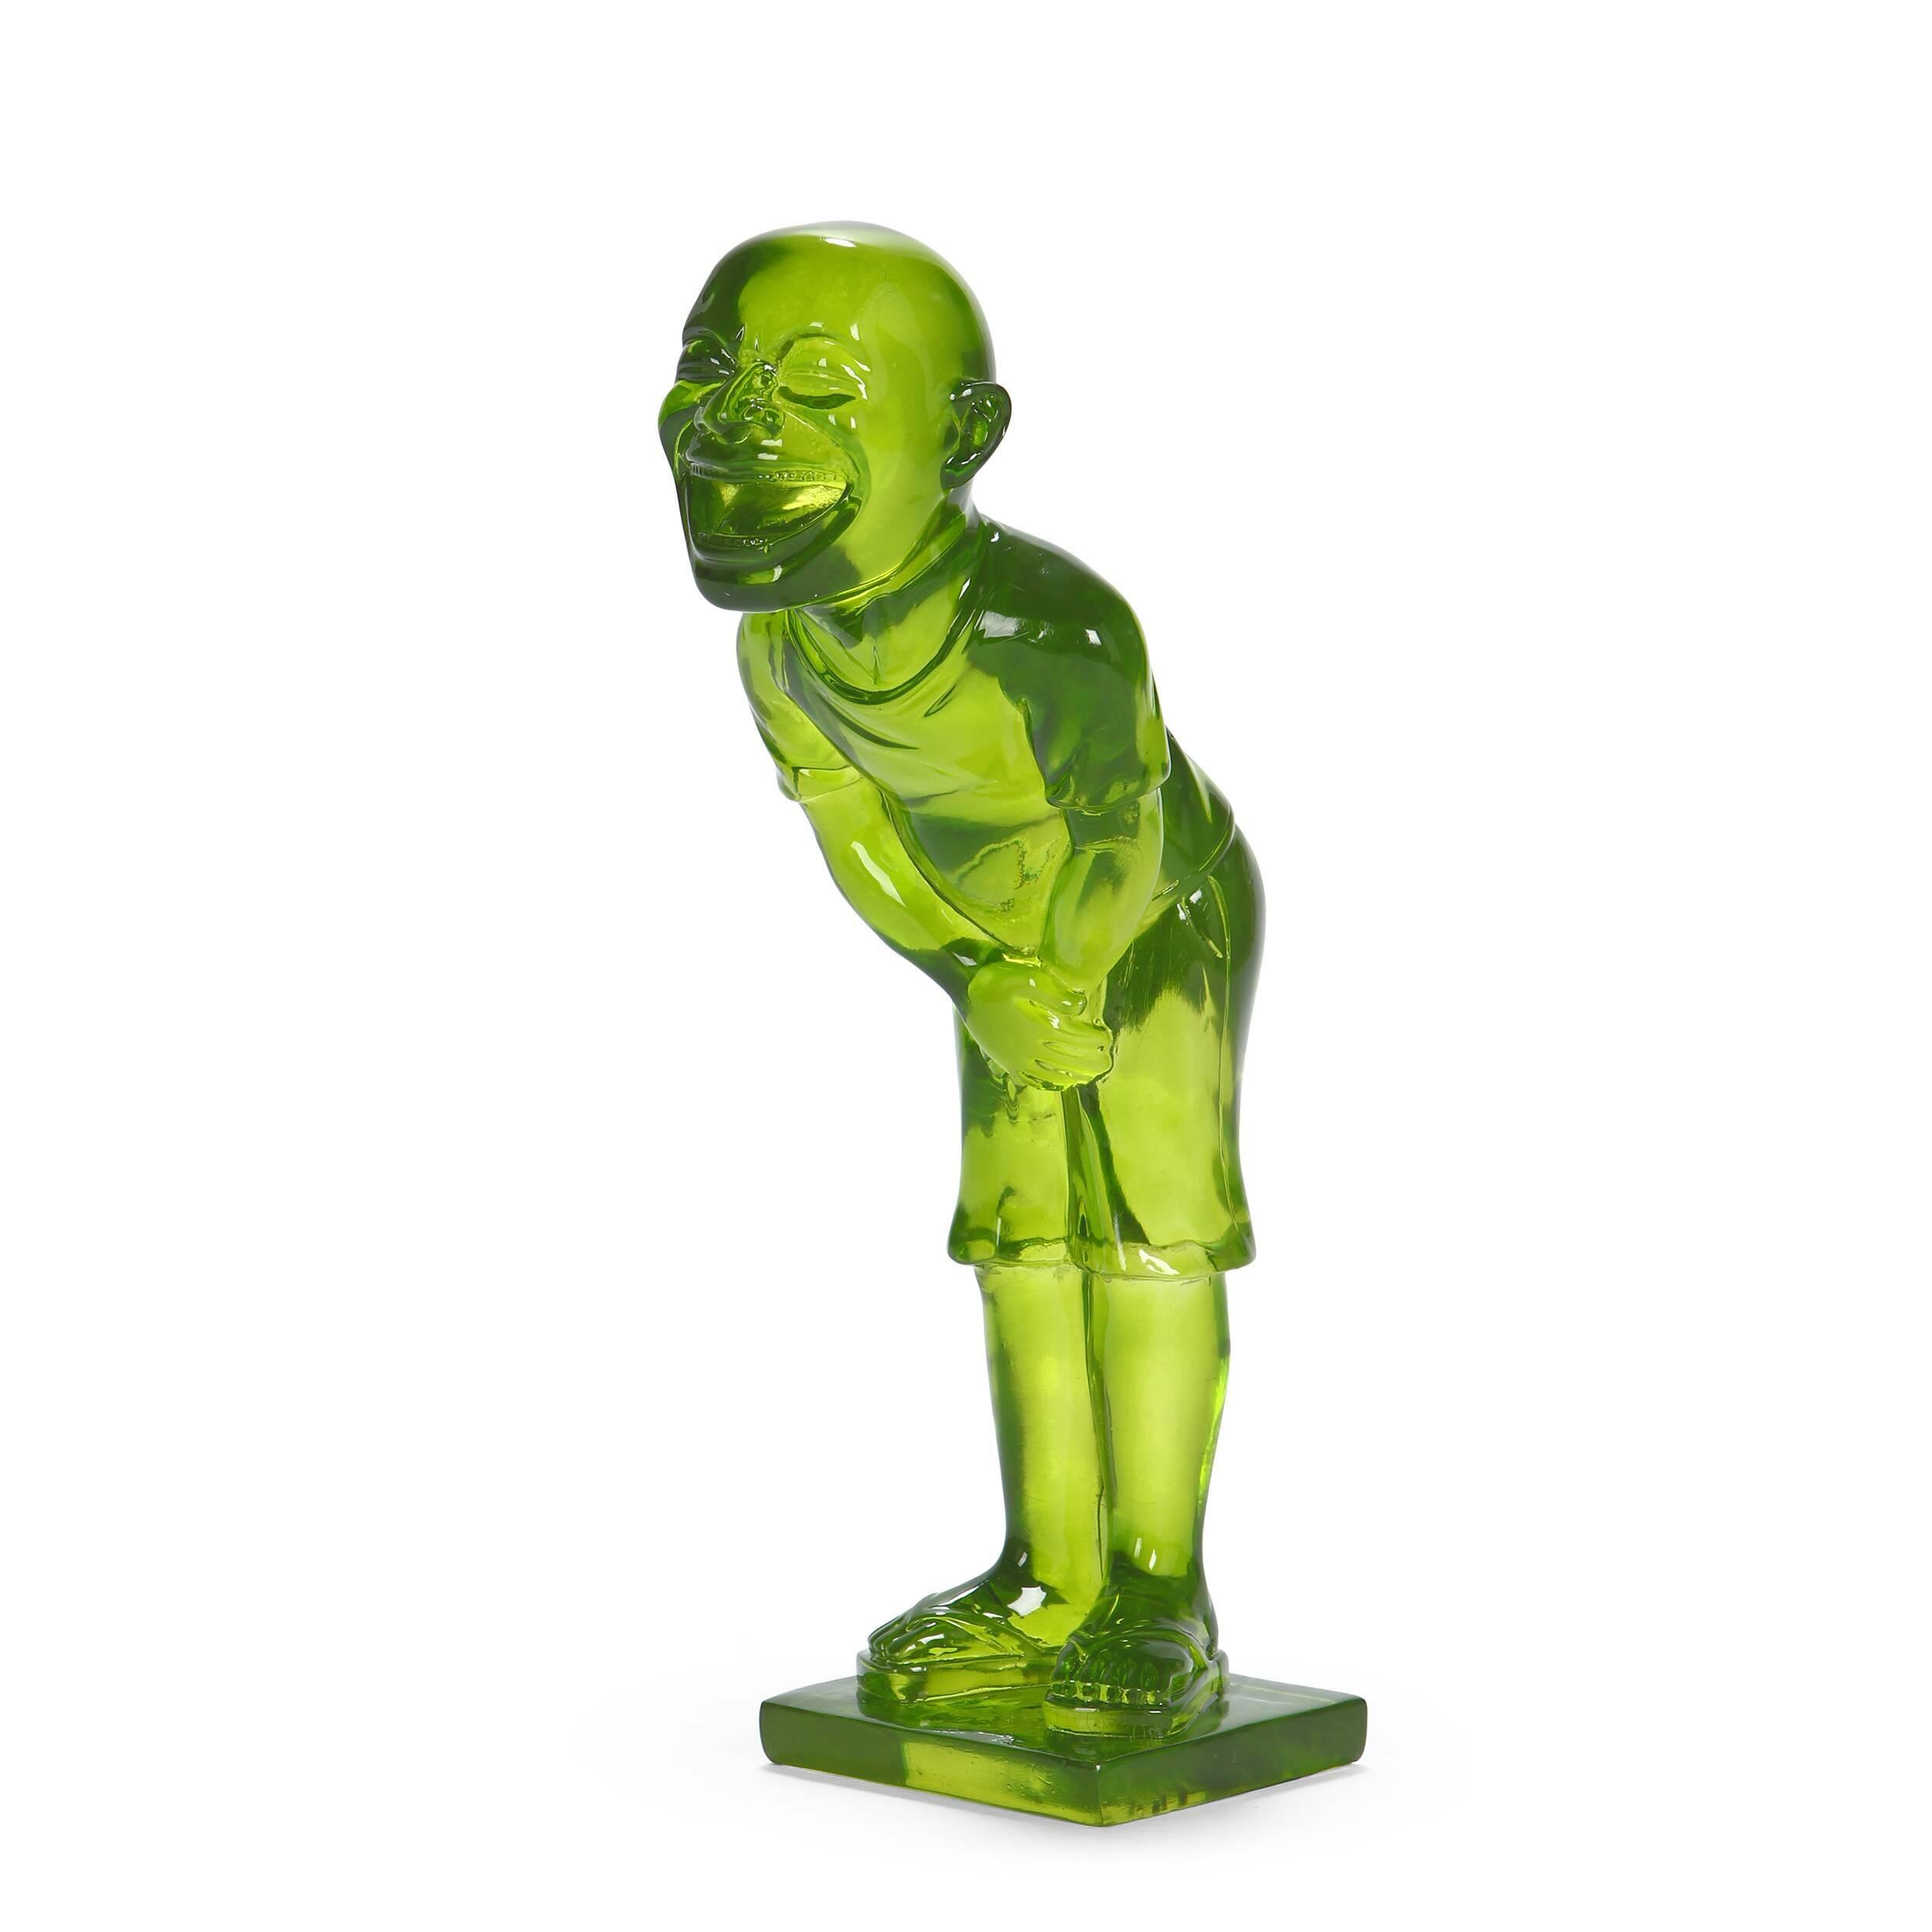 Статуэтка GrinНастольные<br>Дизайнерская полупрозрачная статуэтка забавного человека Grin (Грин) из полистоуна от Cosmo (Космо).<br> Эта настольная скульптура изображает забавного человечка, рот которого широко открыт в приступе хохота. Фигурка выполнена весьма натуралистично, вплоть до того, что можно рассмотреть форму сланцев, на ногах человека. Единственной фантасмагоричной деталью выглядят неестественно большая голова и рот, доходящий буквально до ушей. Существуют три вариации цветового исполнения статуэтки: зеленый,...<br><br>stock: 4<br>Высота: 32<br>Ширина: 15<br>Материал: Полистоун<br>Цвет: Зелёный/Green<br>Диаметр: 10